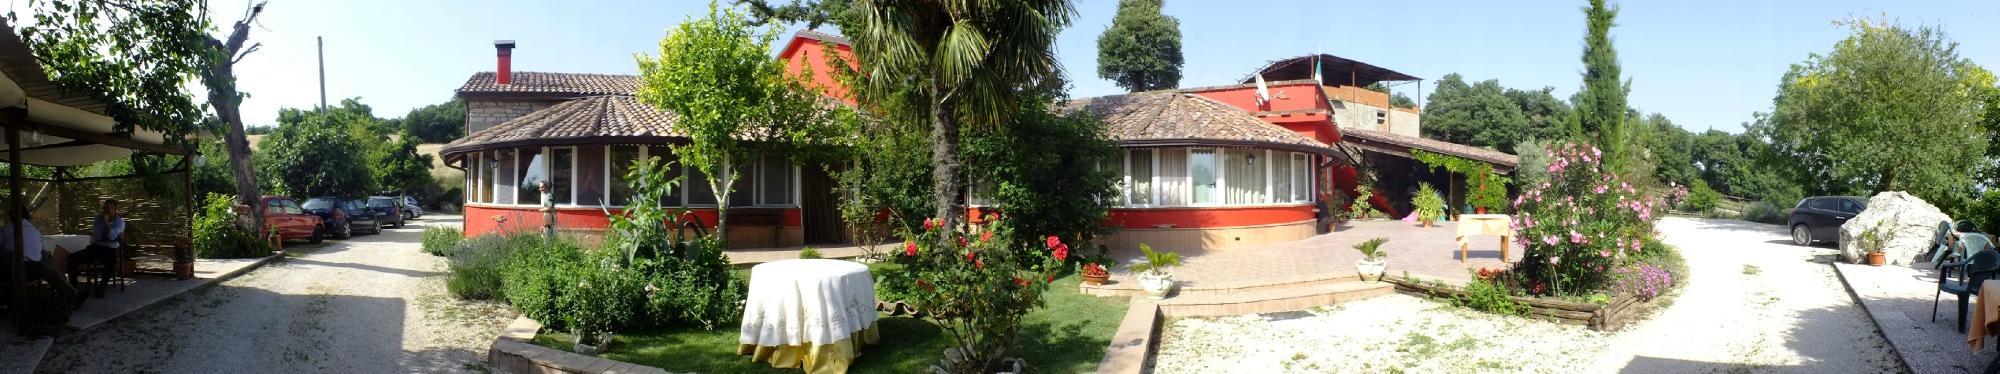 Aia Di Lazzaro - Contry House